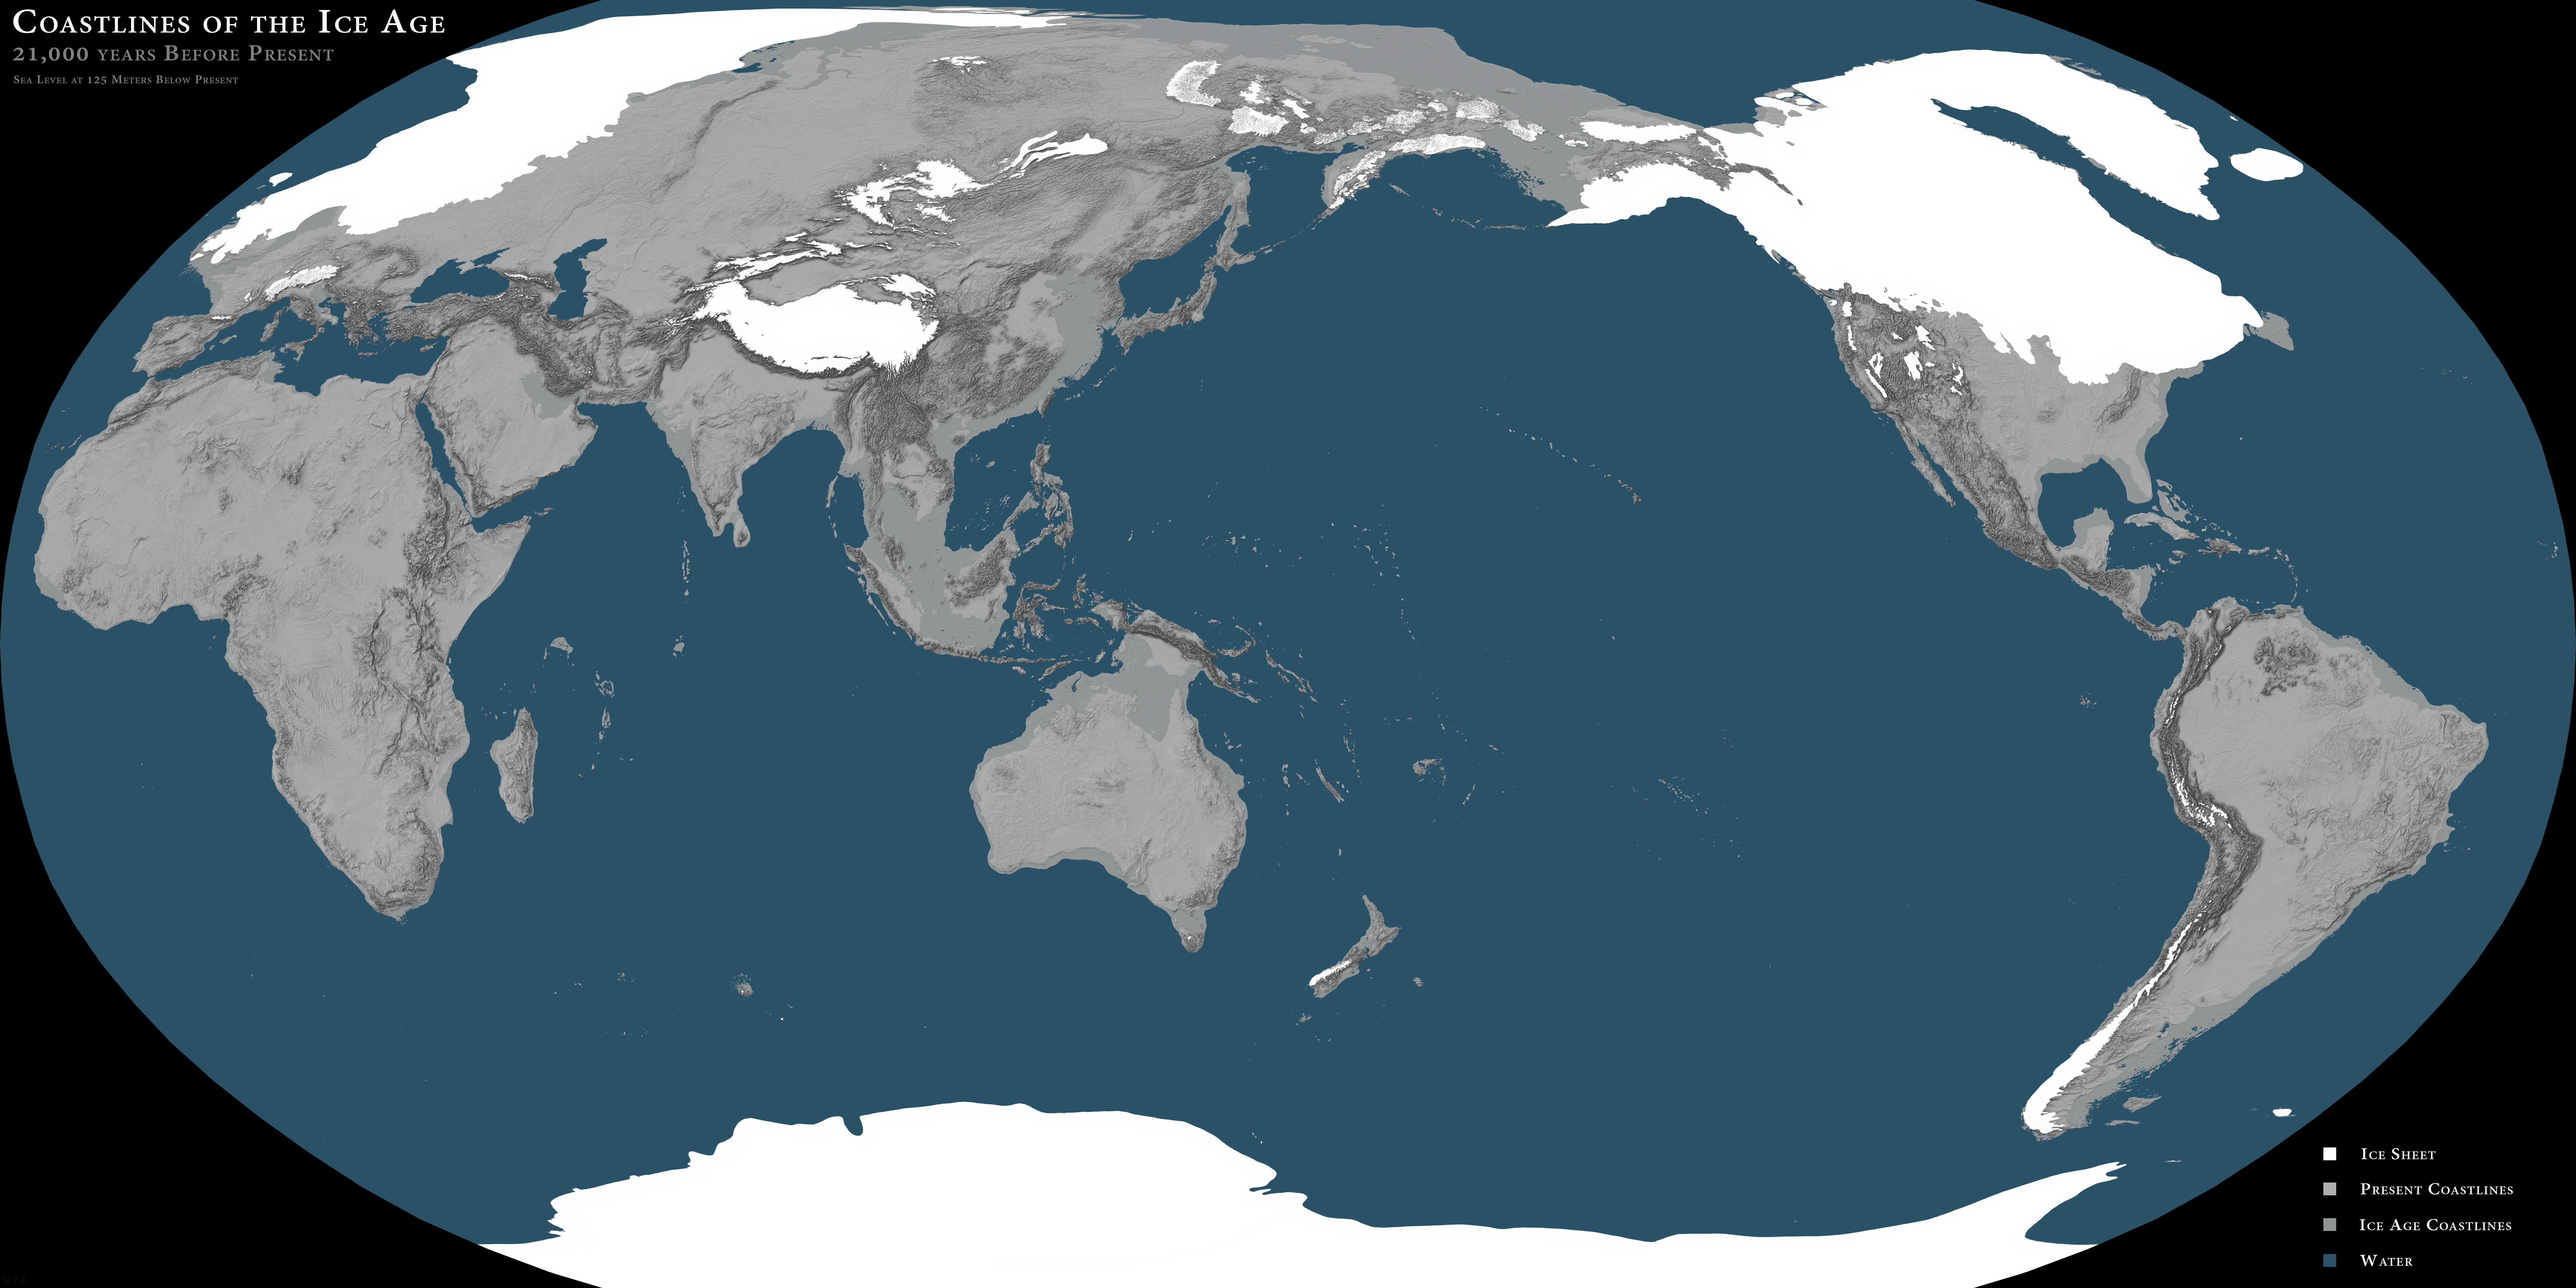 Así Era El Mapa Del Mundo En La última Glaciación Http Blgs Co Ygtjht Mapas Del Mundo Glaciaciones Mapa Del Mundo